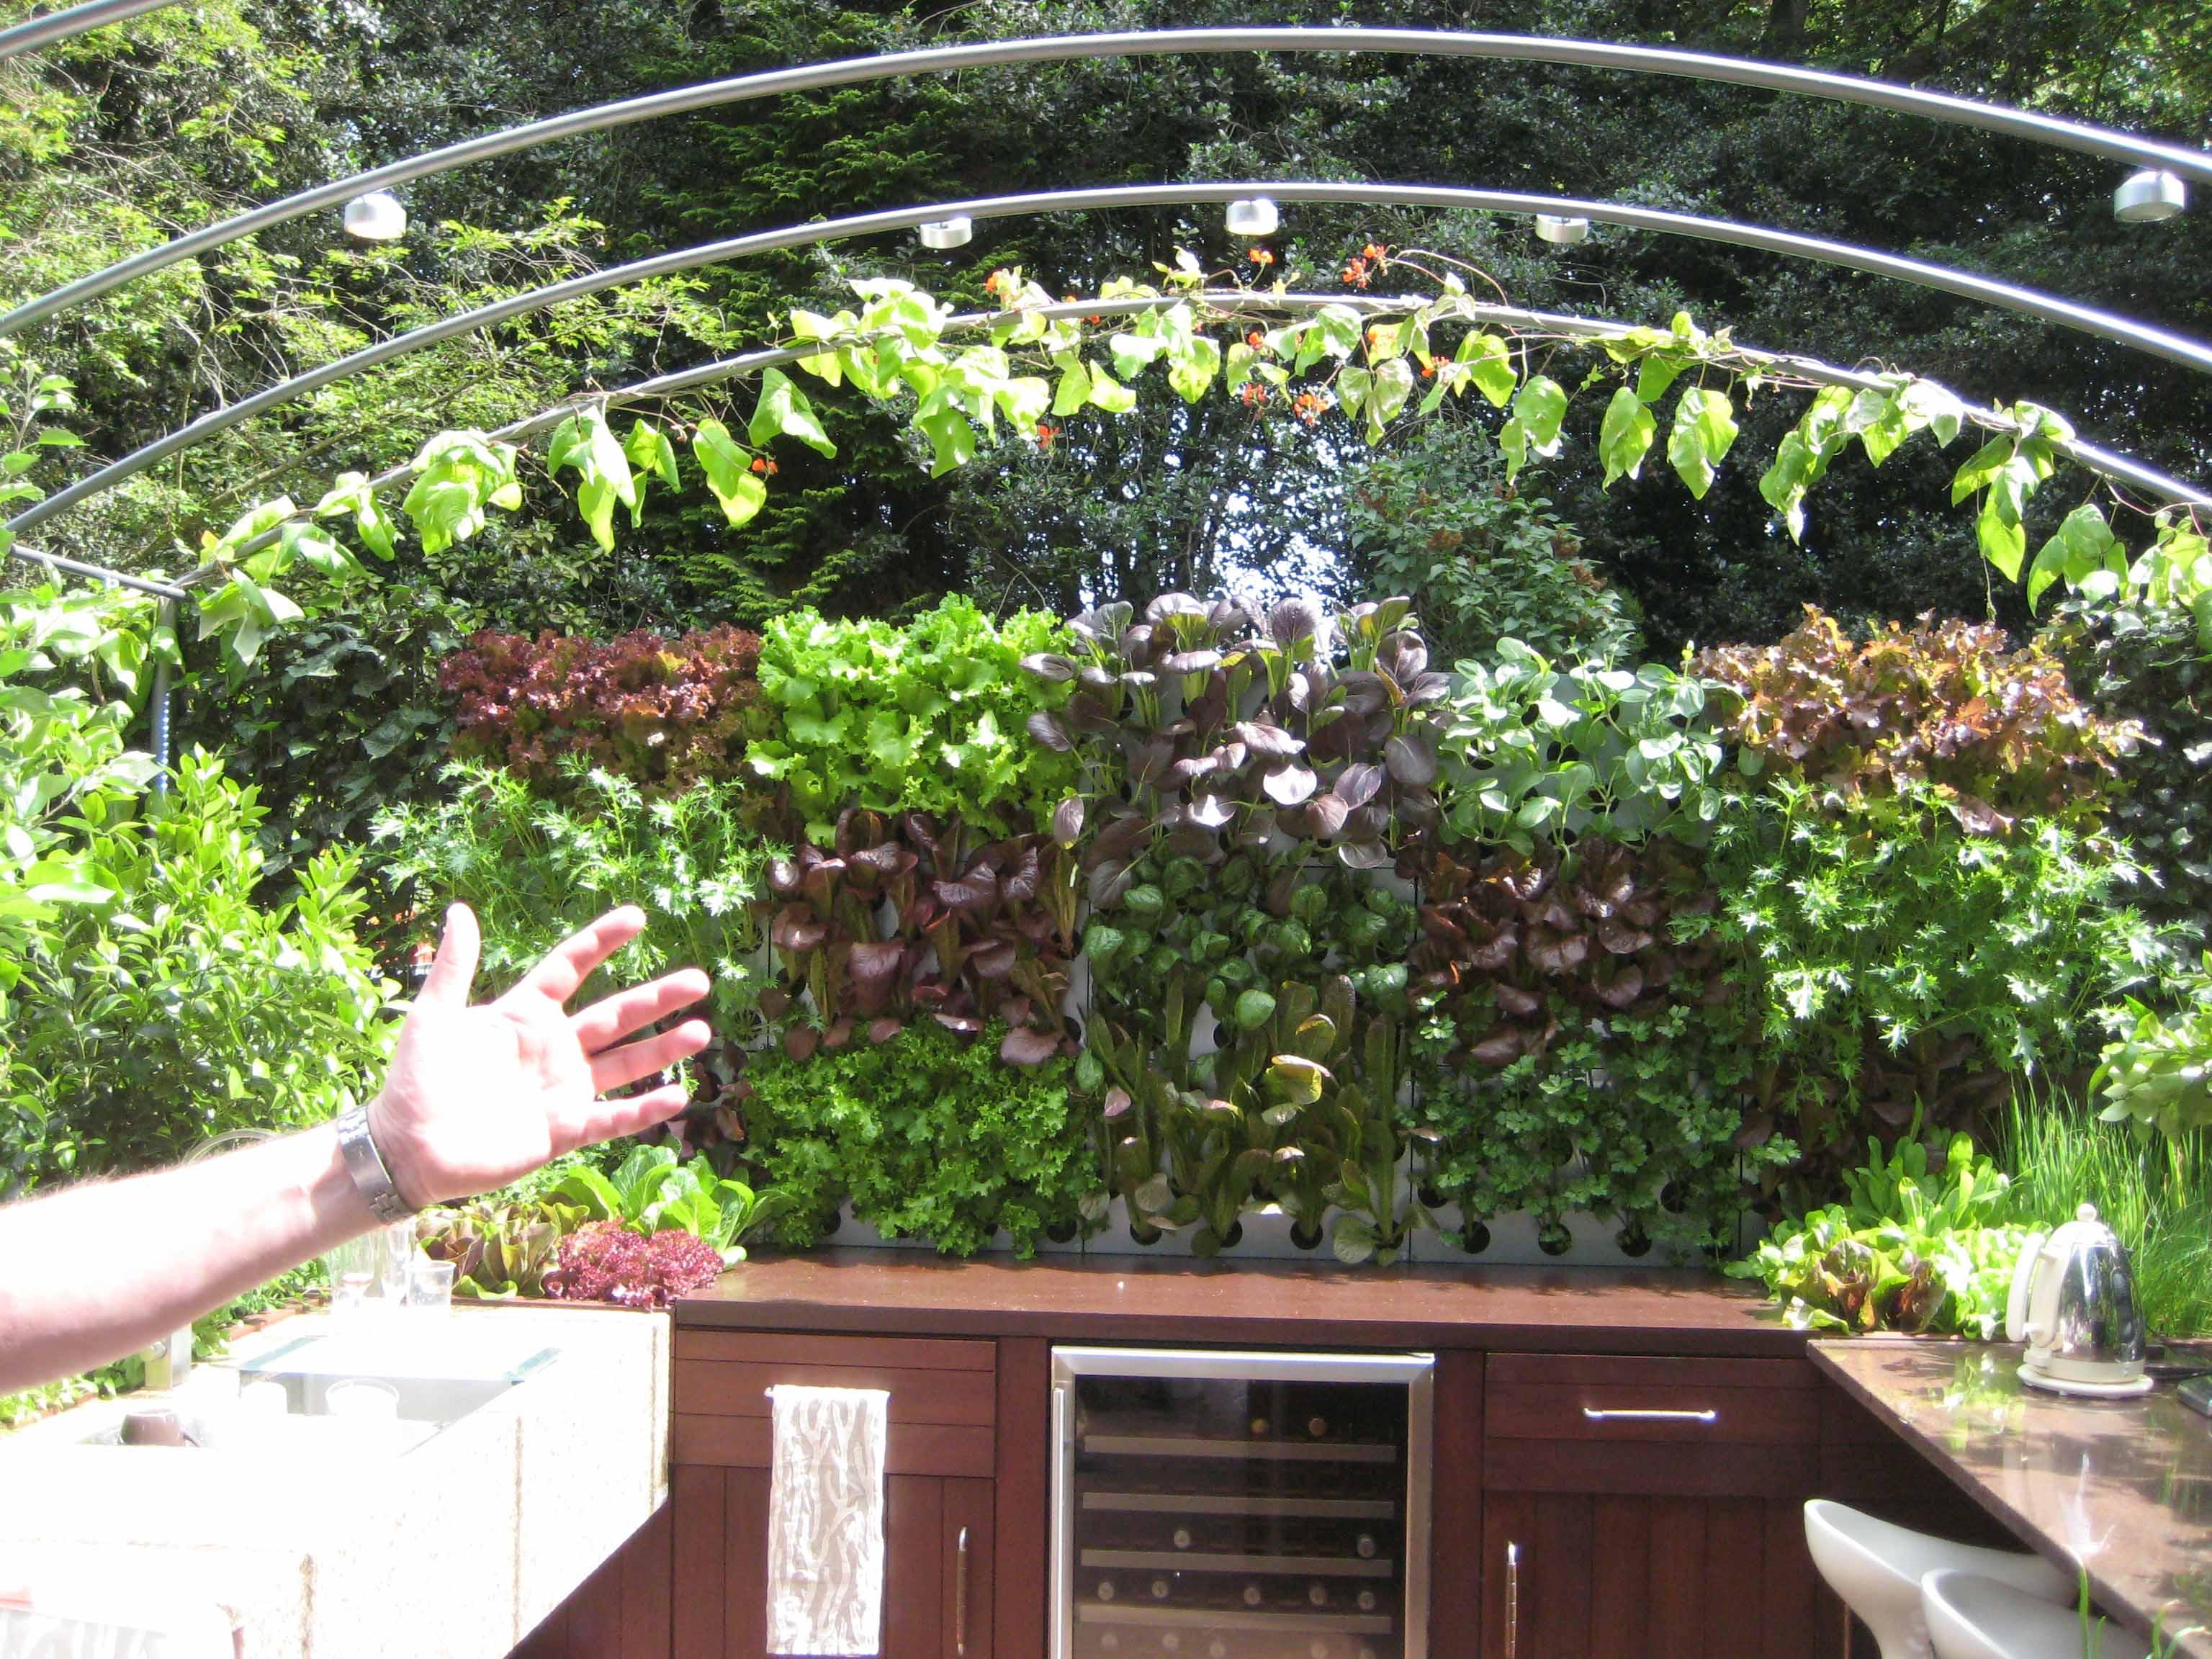 Progettare il giardino: gli stili e la storia  Centro ...